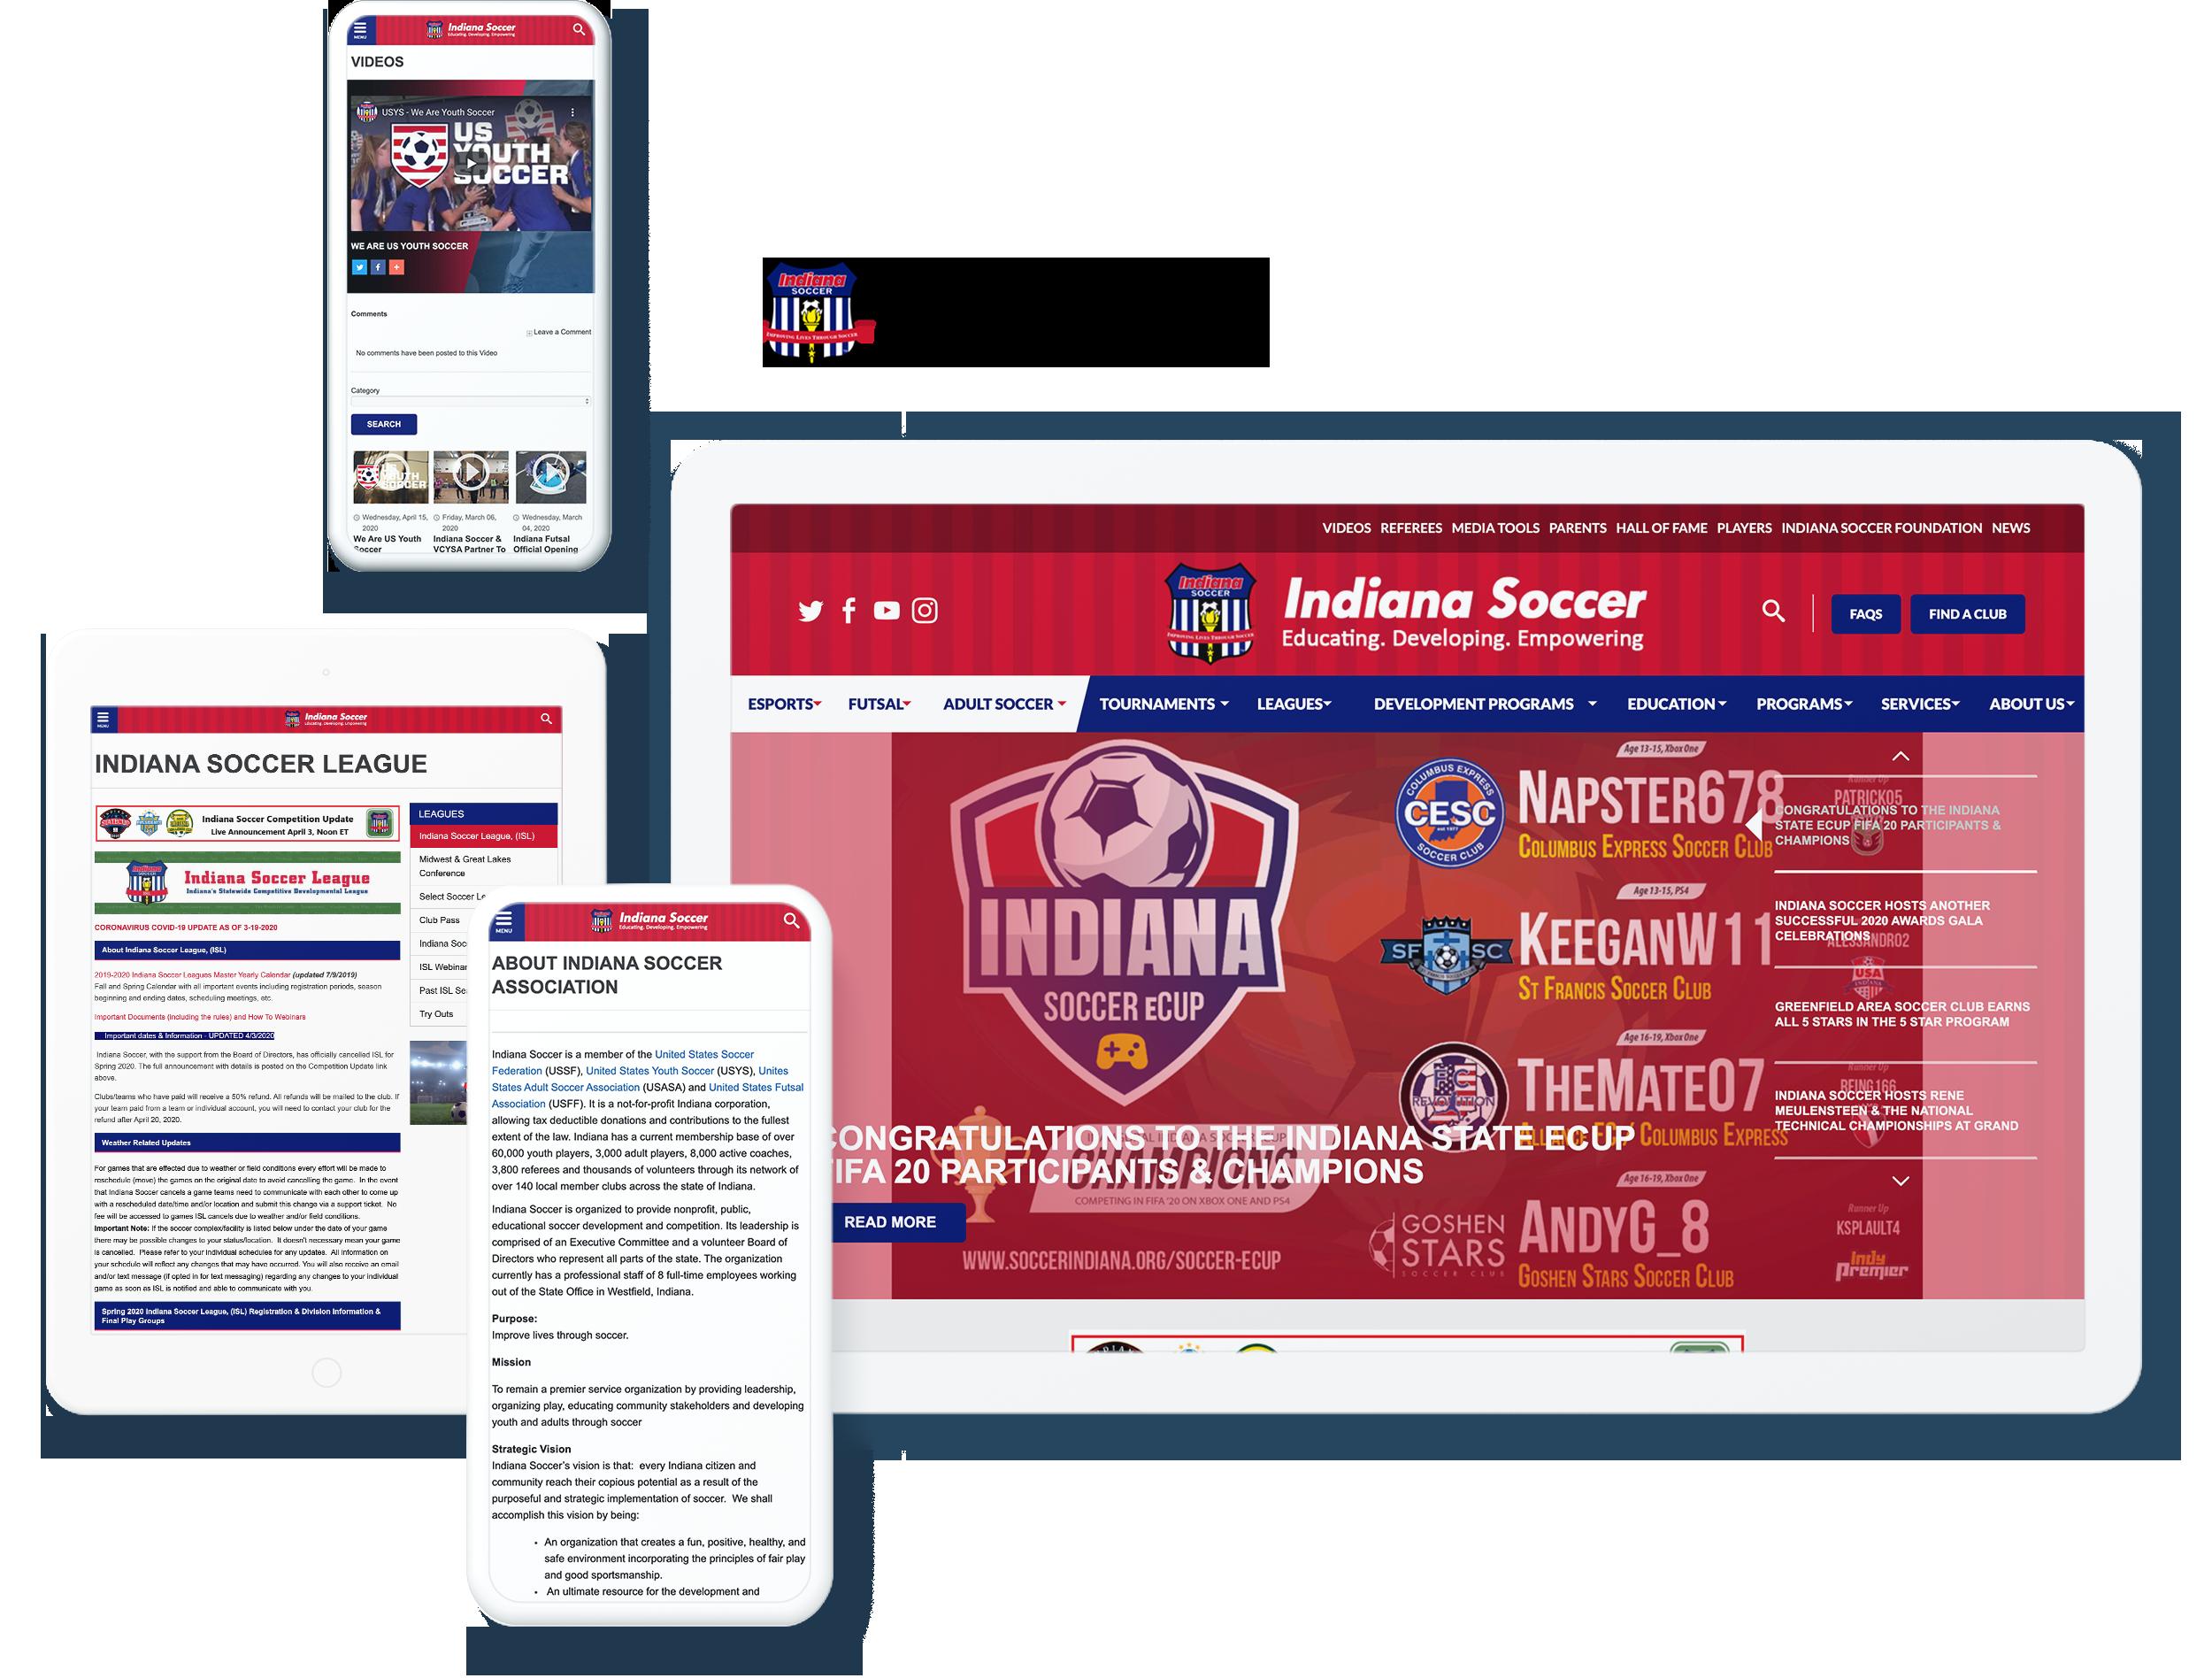 Indiana_Youth_Soccer_Spotlight